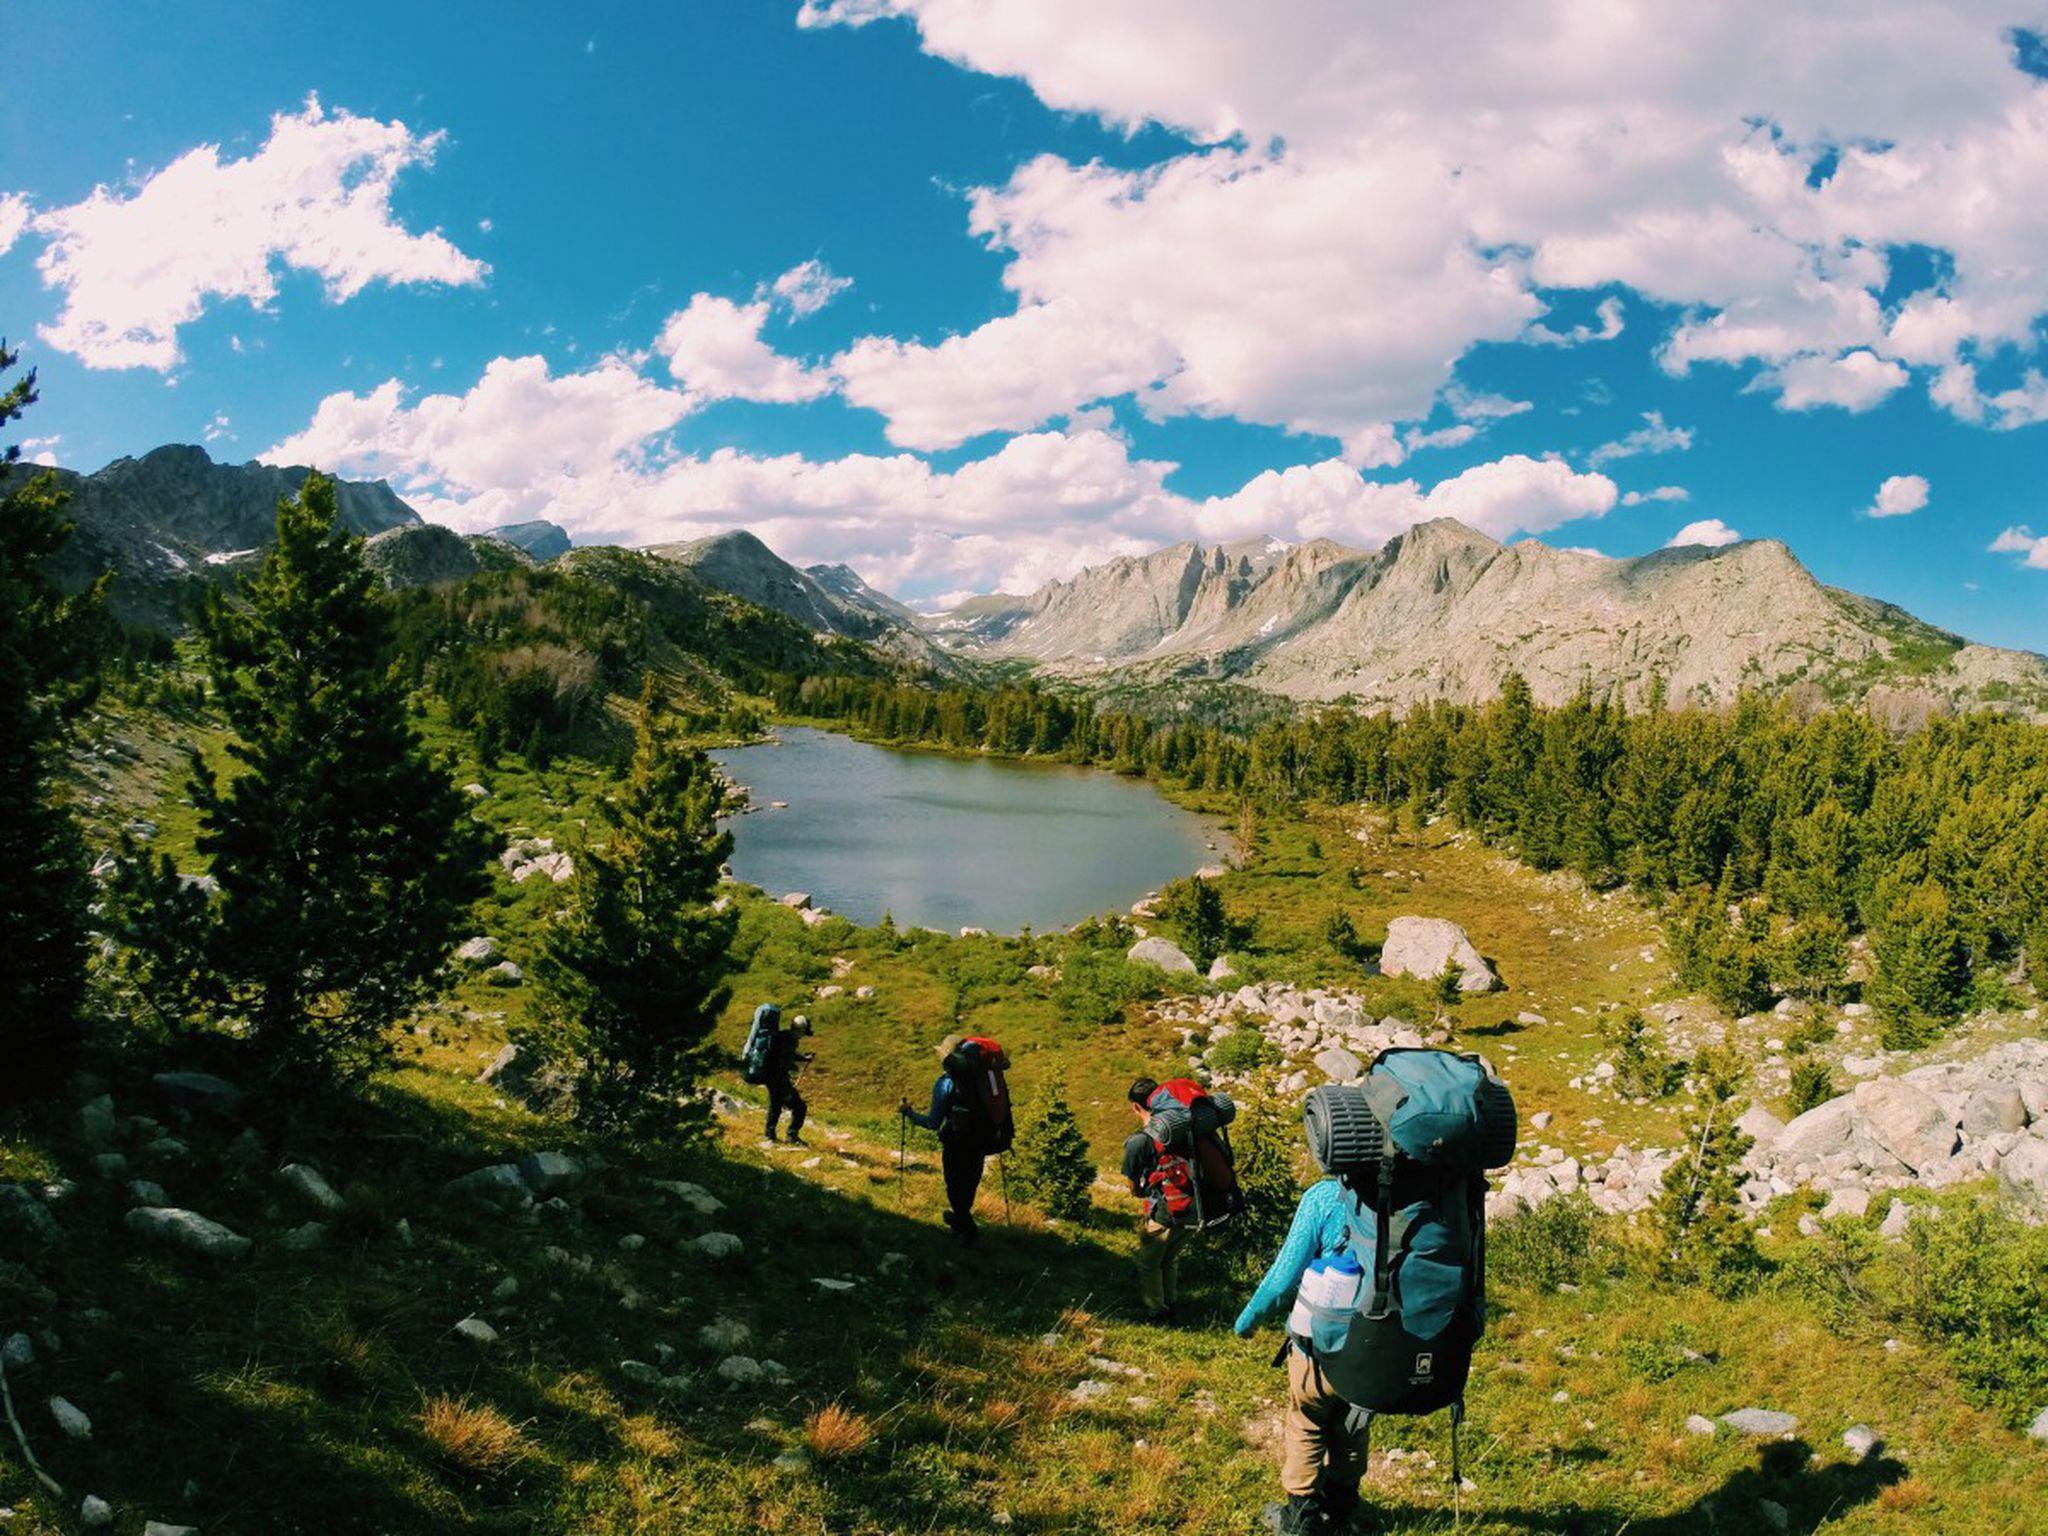 Summer Program - Rock Climbing | NOLS Summer Semester in the Rockies